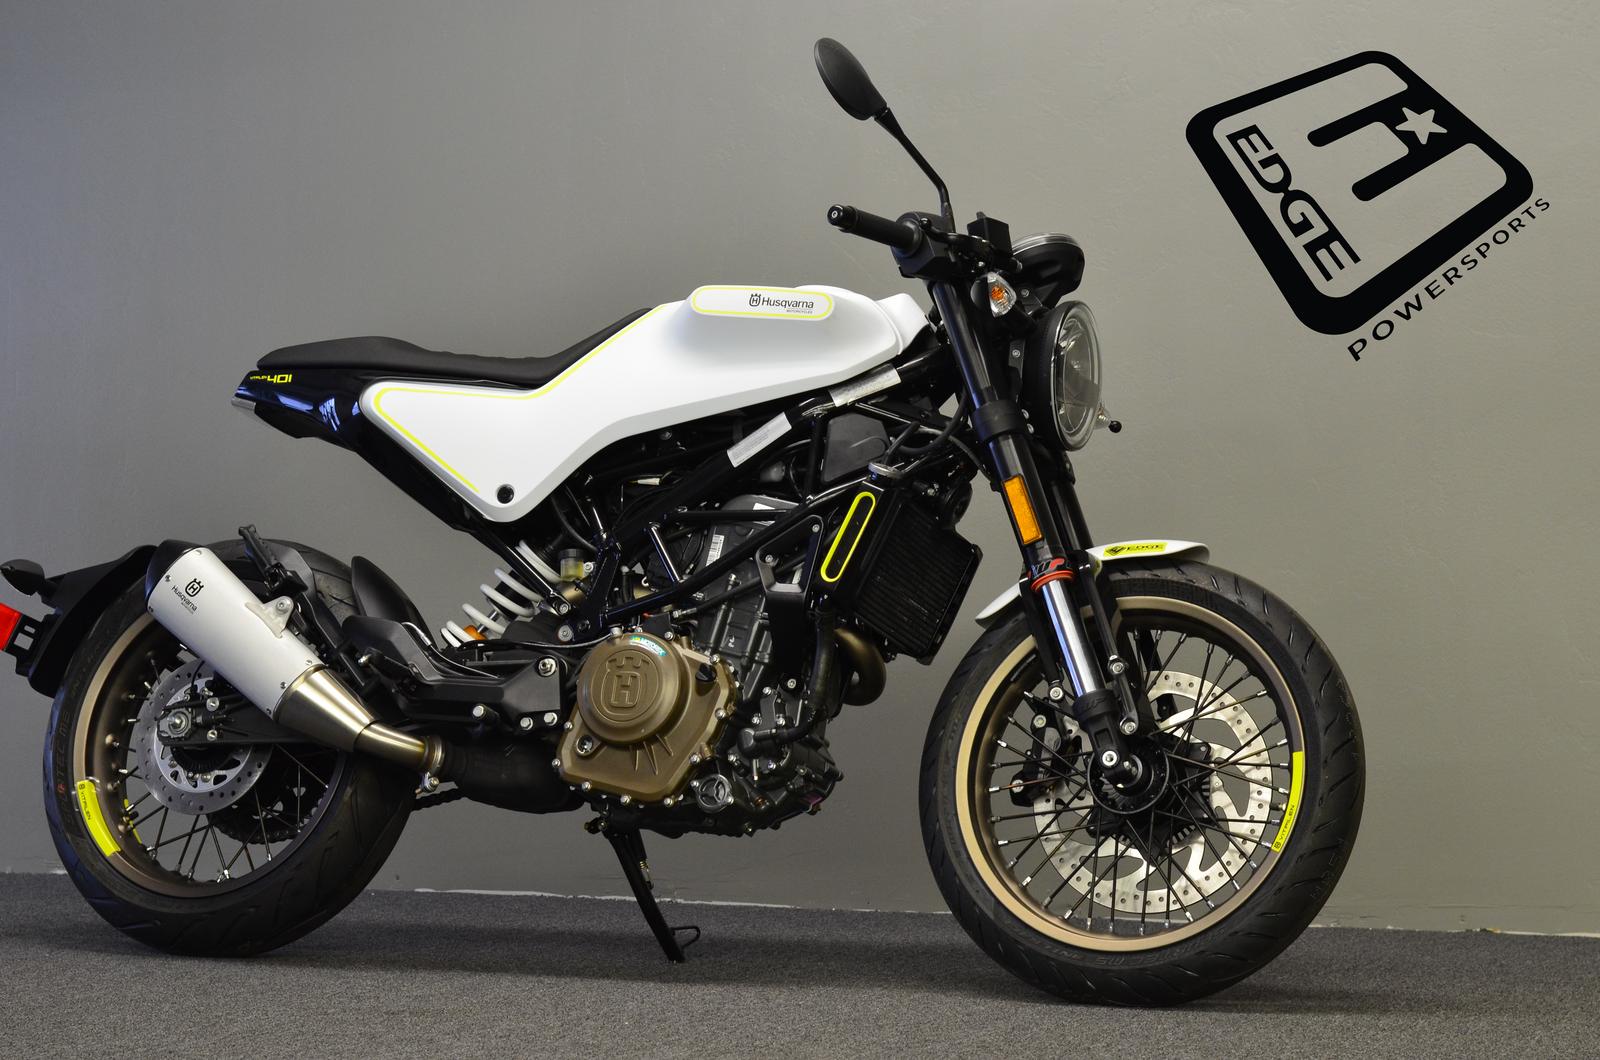 2019 Husqvarna Motorcycles VITPILEN 401